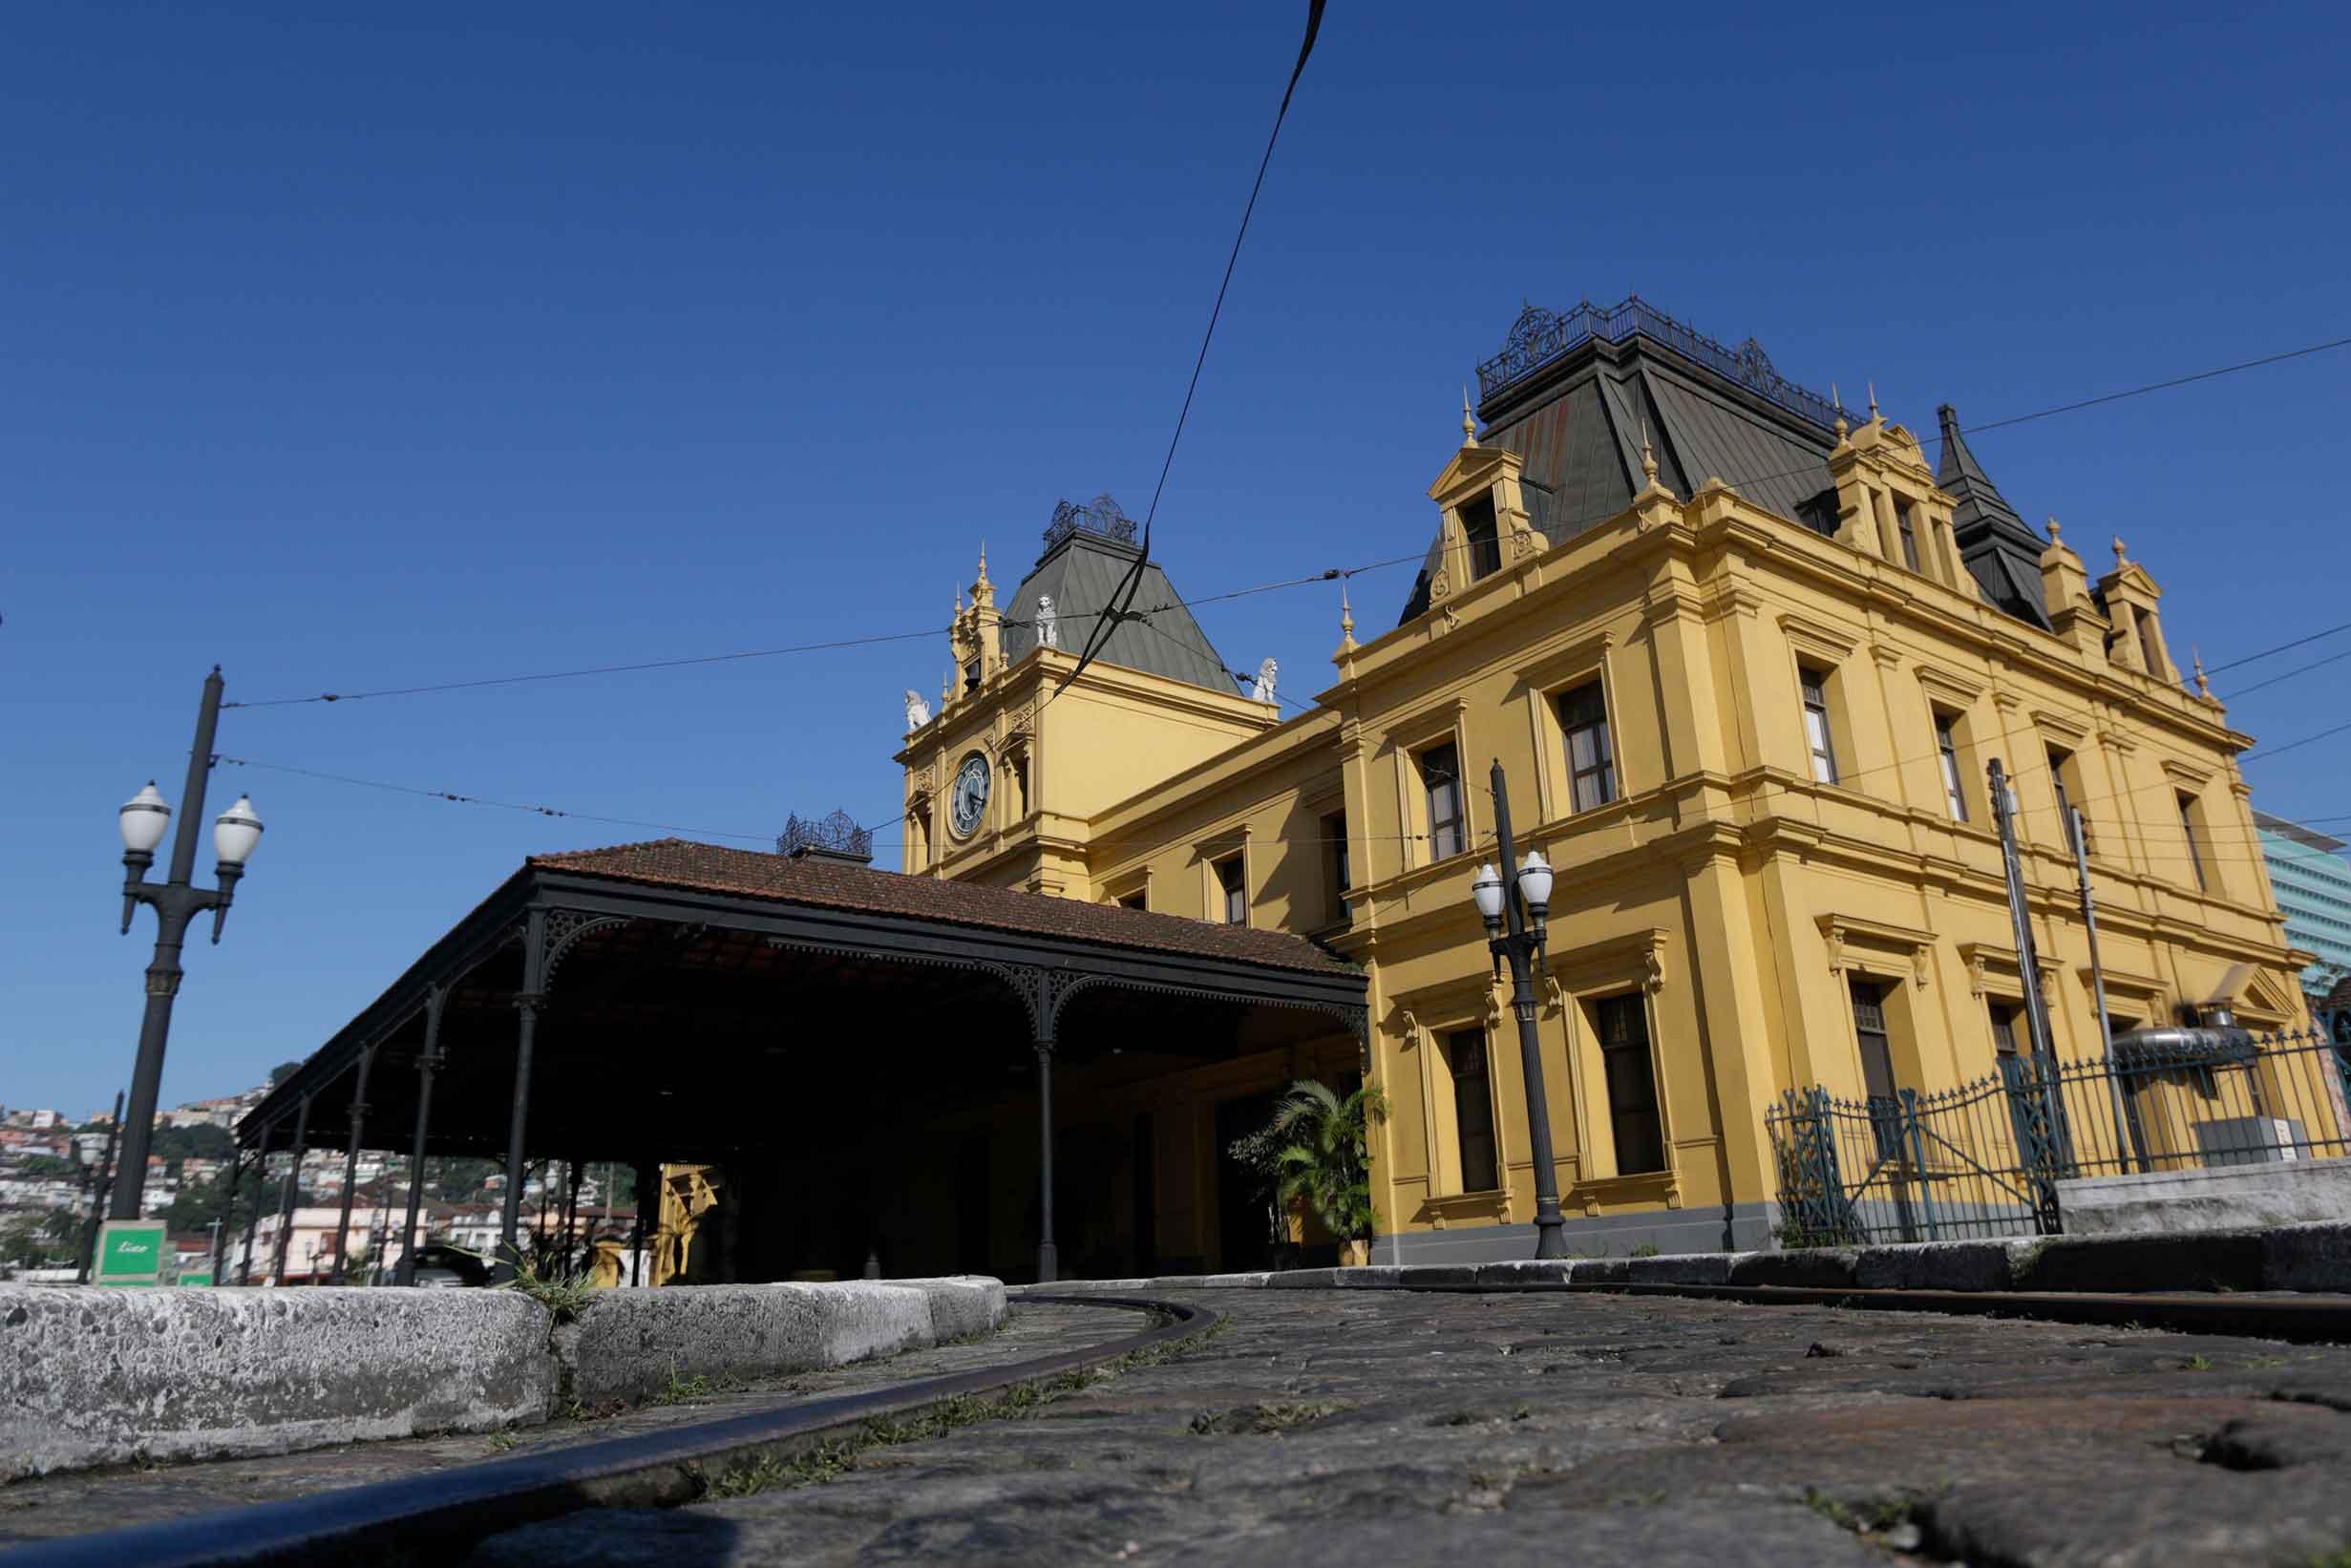 Estação de trem Valongo